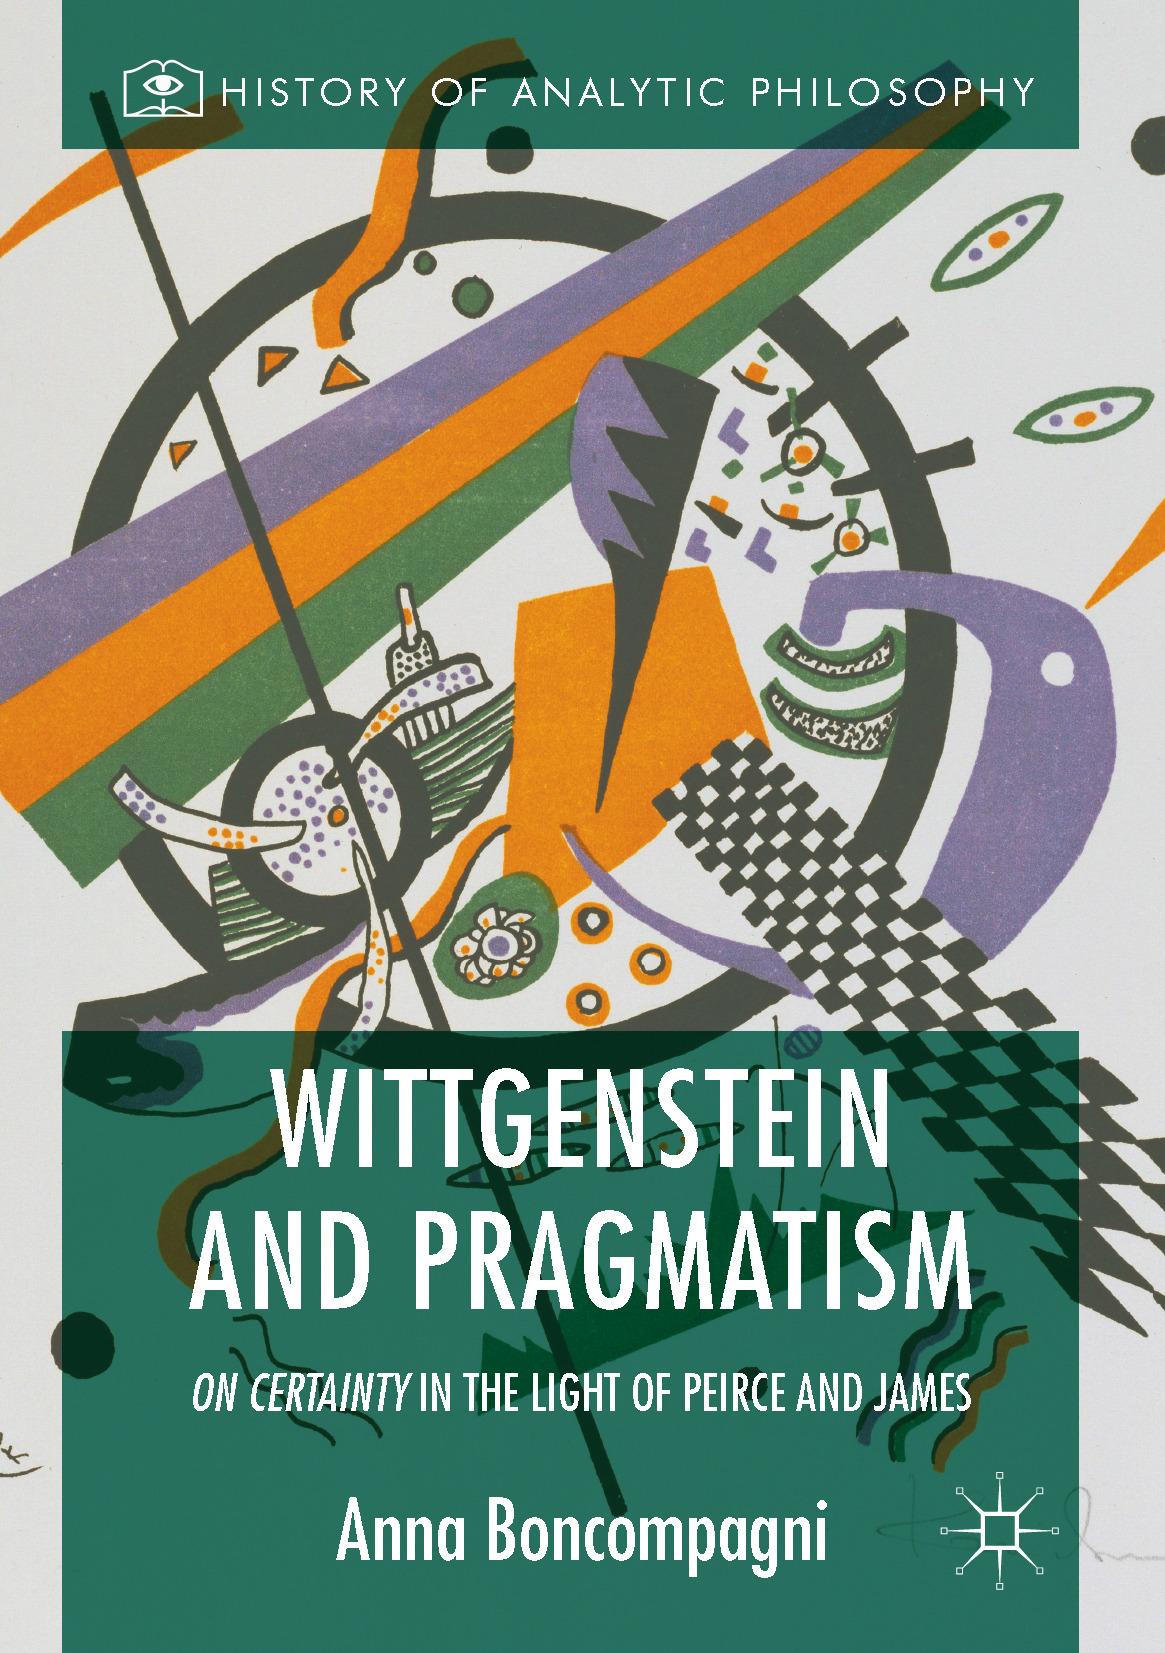 Boncompagni, Anna - Wittgenstein and Pragmatism, ebook